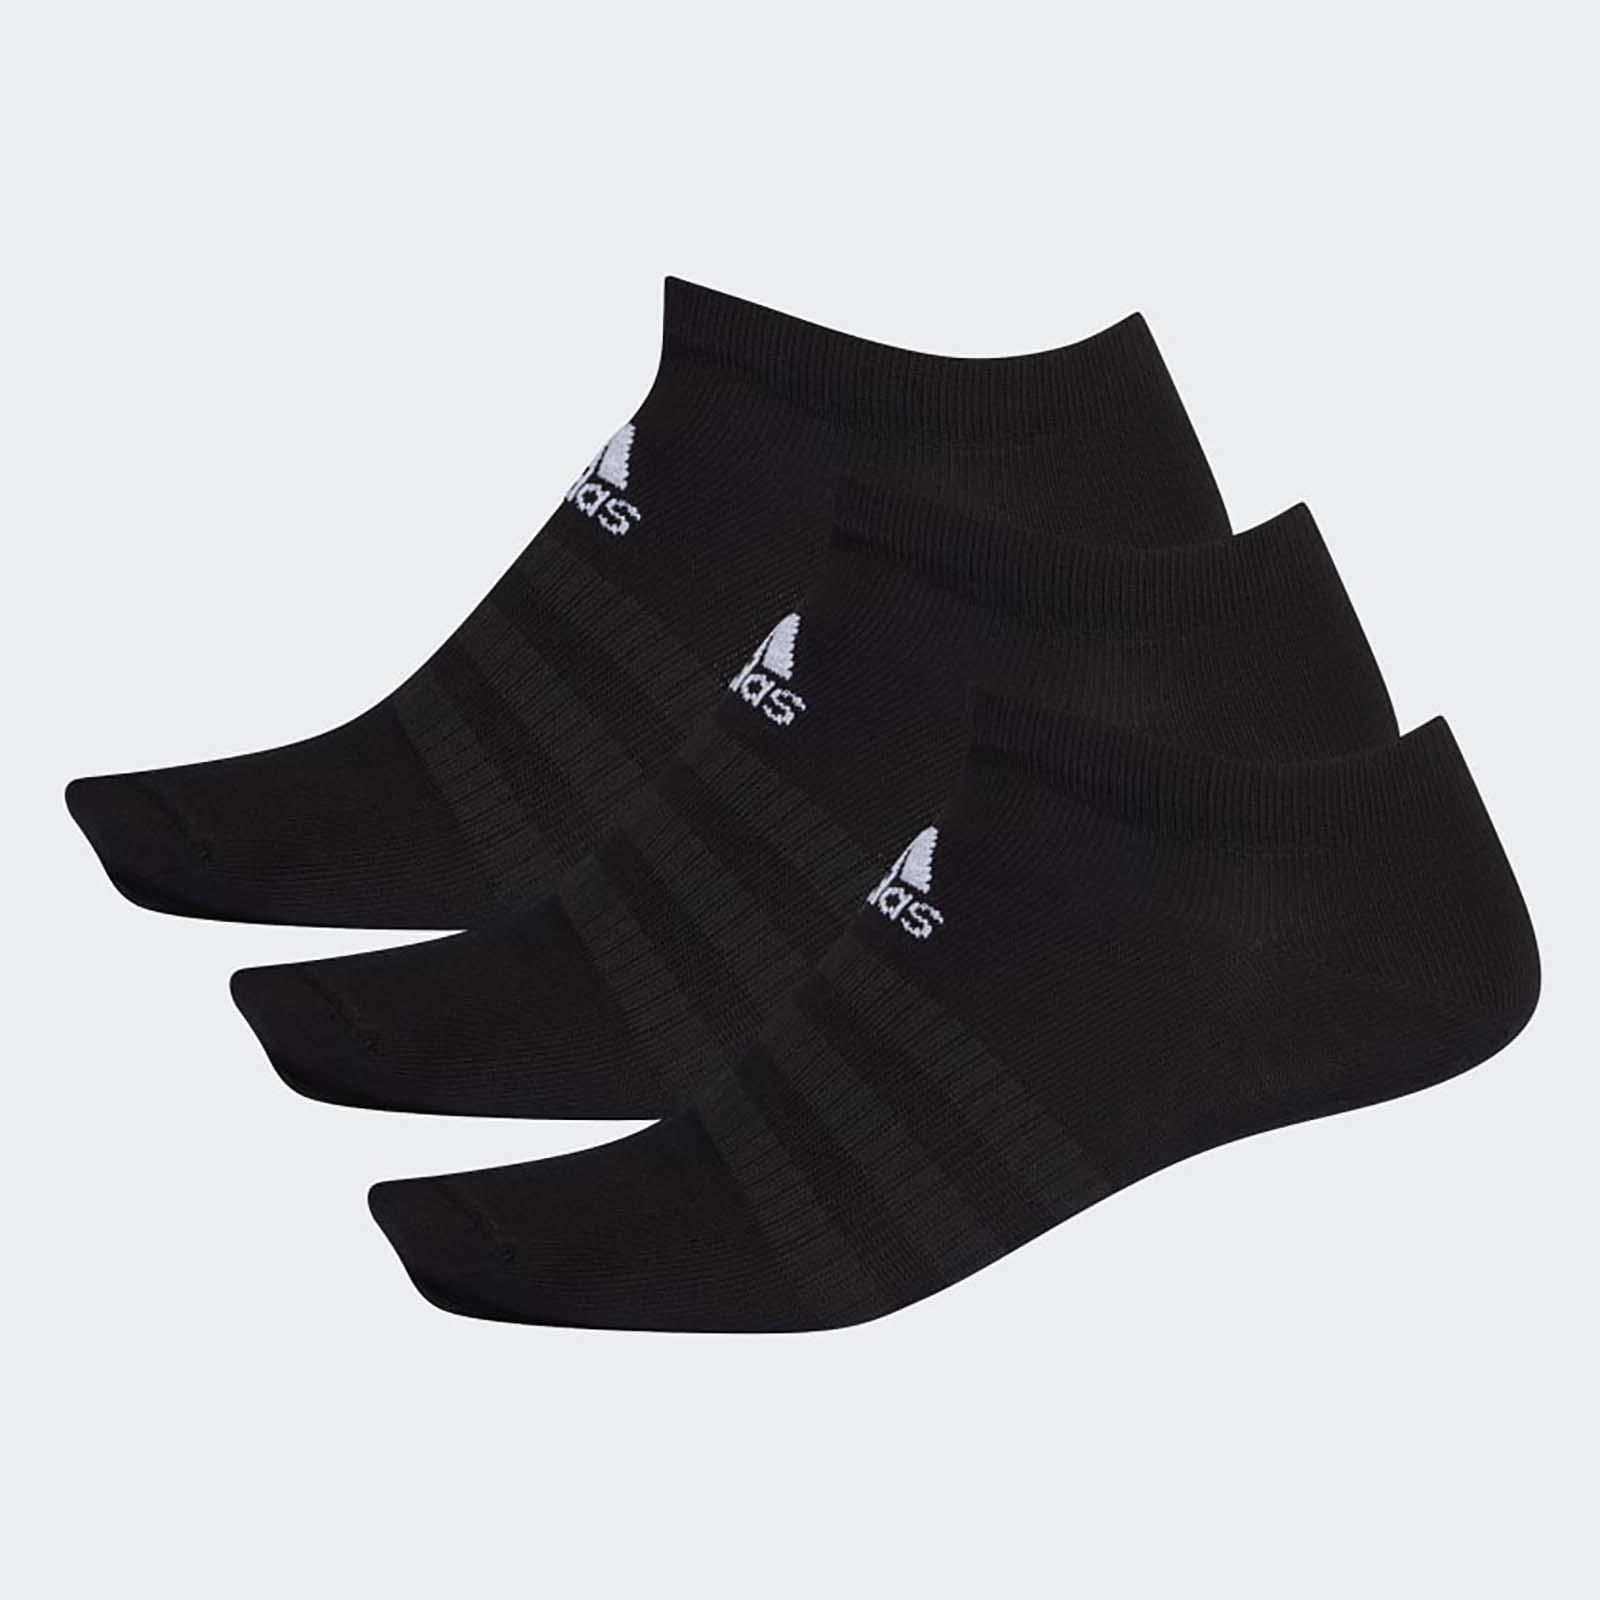 Набор носков унисекс Adidas LIGHT LOW 3PP черный L